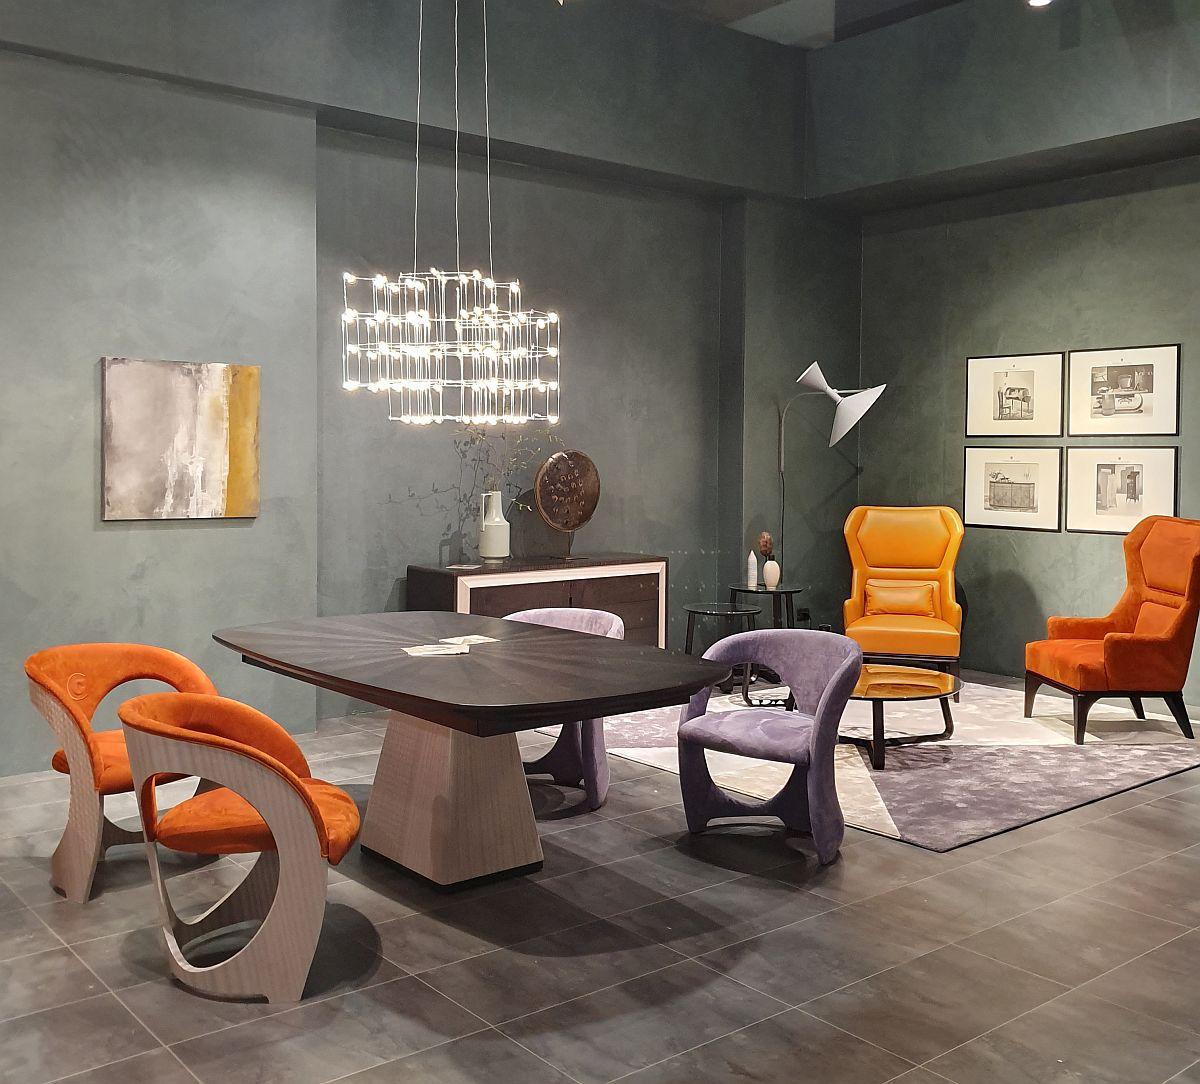 Poți avea pereții și pardoselile în nuanțe neutre, din gama griurilor, dar cu câteva piese de mobilier cu tapițerie portocalie totul devine mai dinamic și mai vesel.